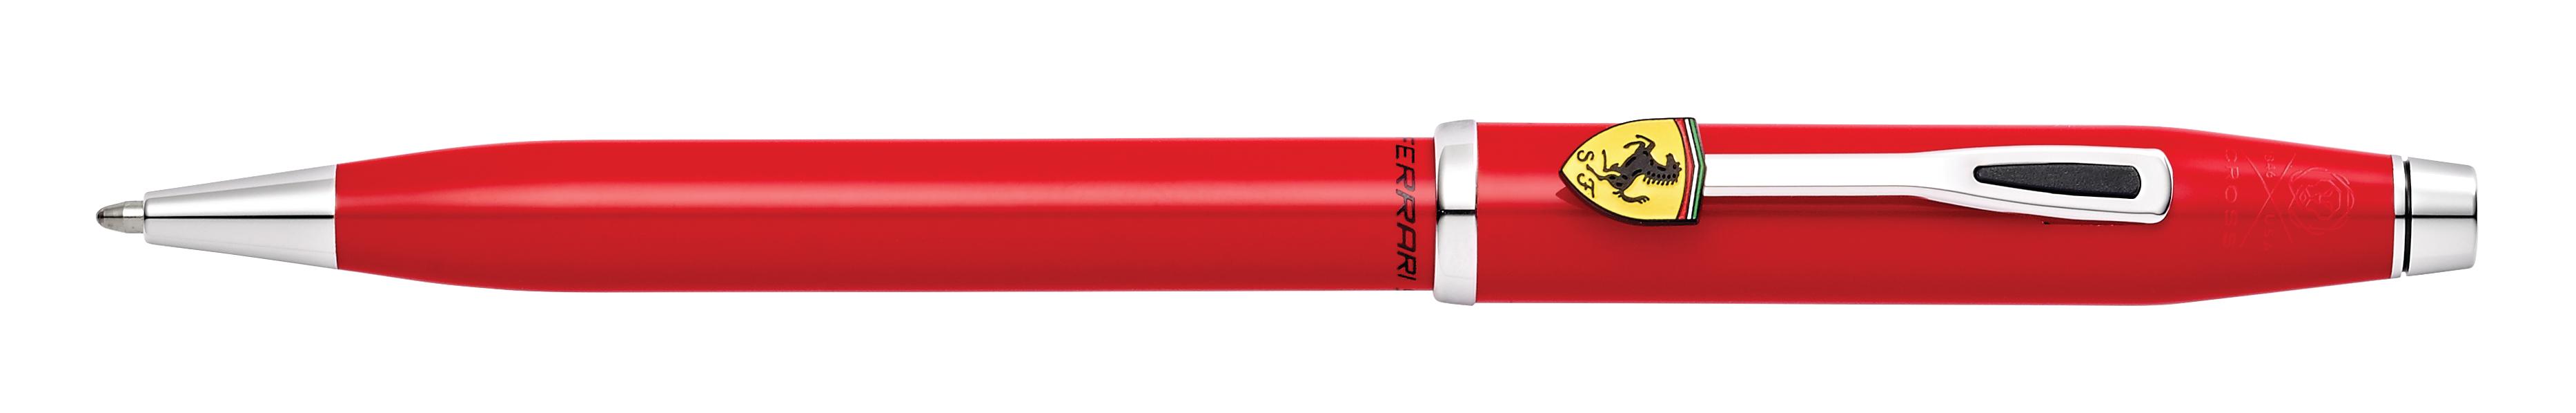 Cross Century II Collection for Scuderia Ferrari Glossy Rosso Corsa Red Lacquer Ballpoint Pen